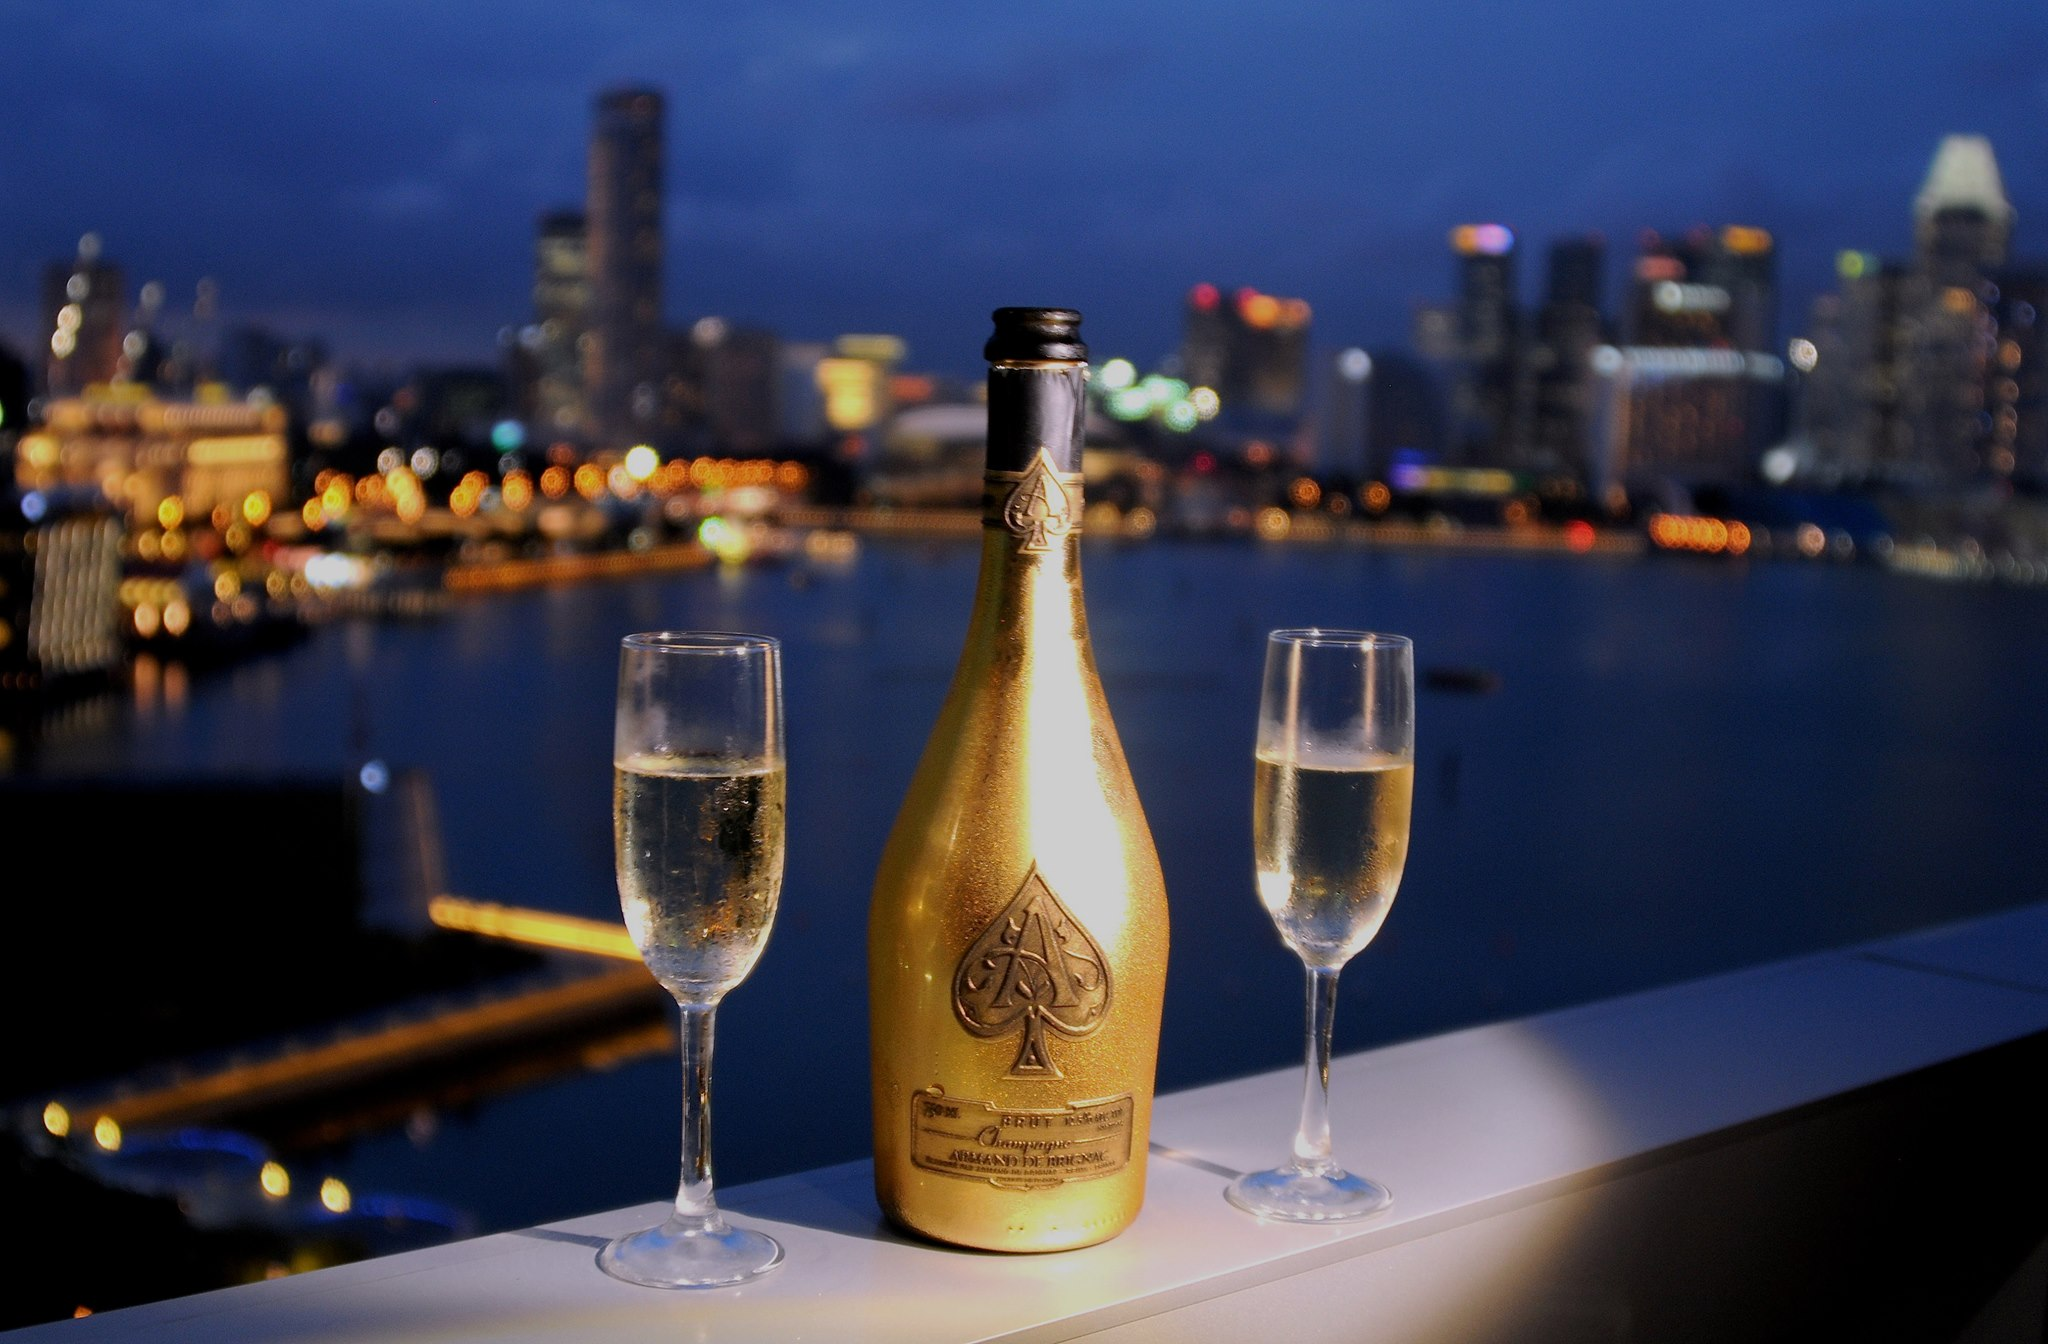 Armand De Brignac – Ace of Spades Brut NV Champagne is a legend in